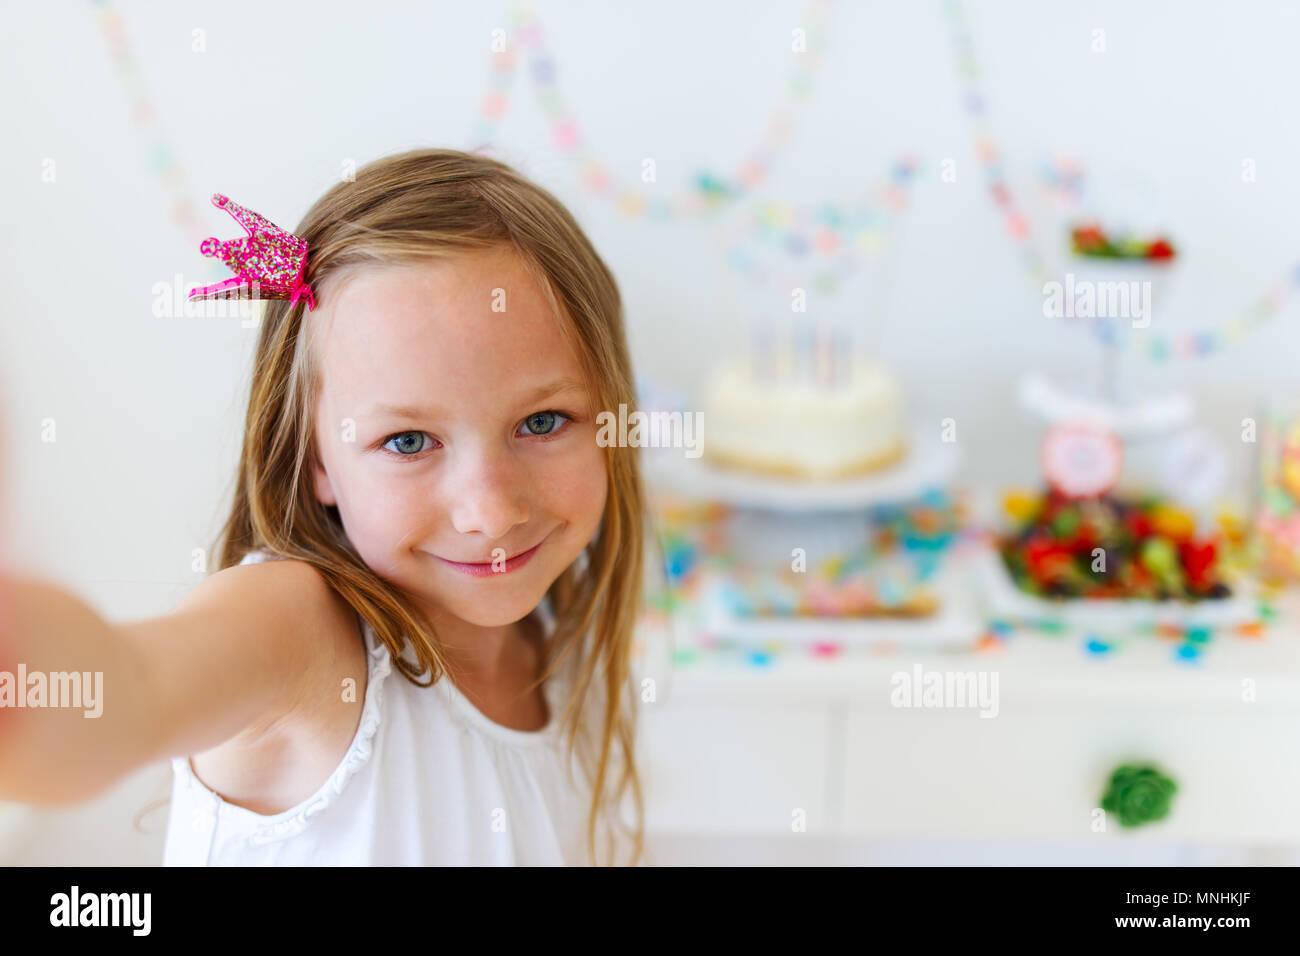 Adorable niña con Princess Crown en la fiesta de cumpleaños de niños tomando selfie Imagen De Stock